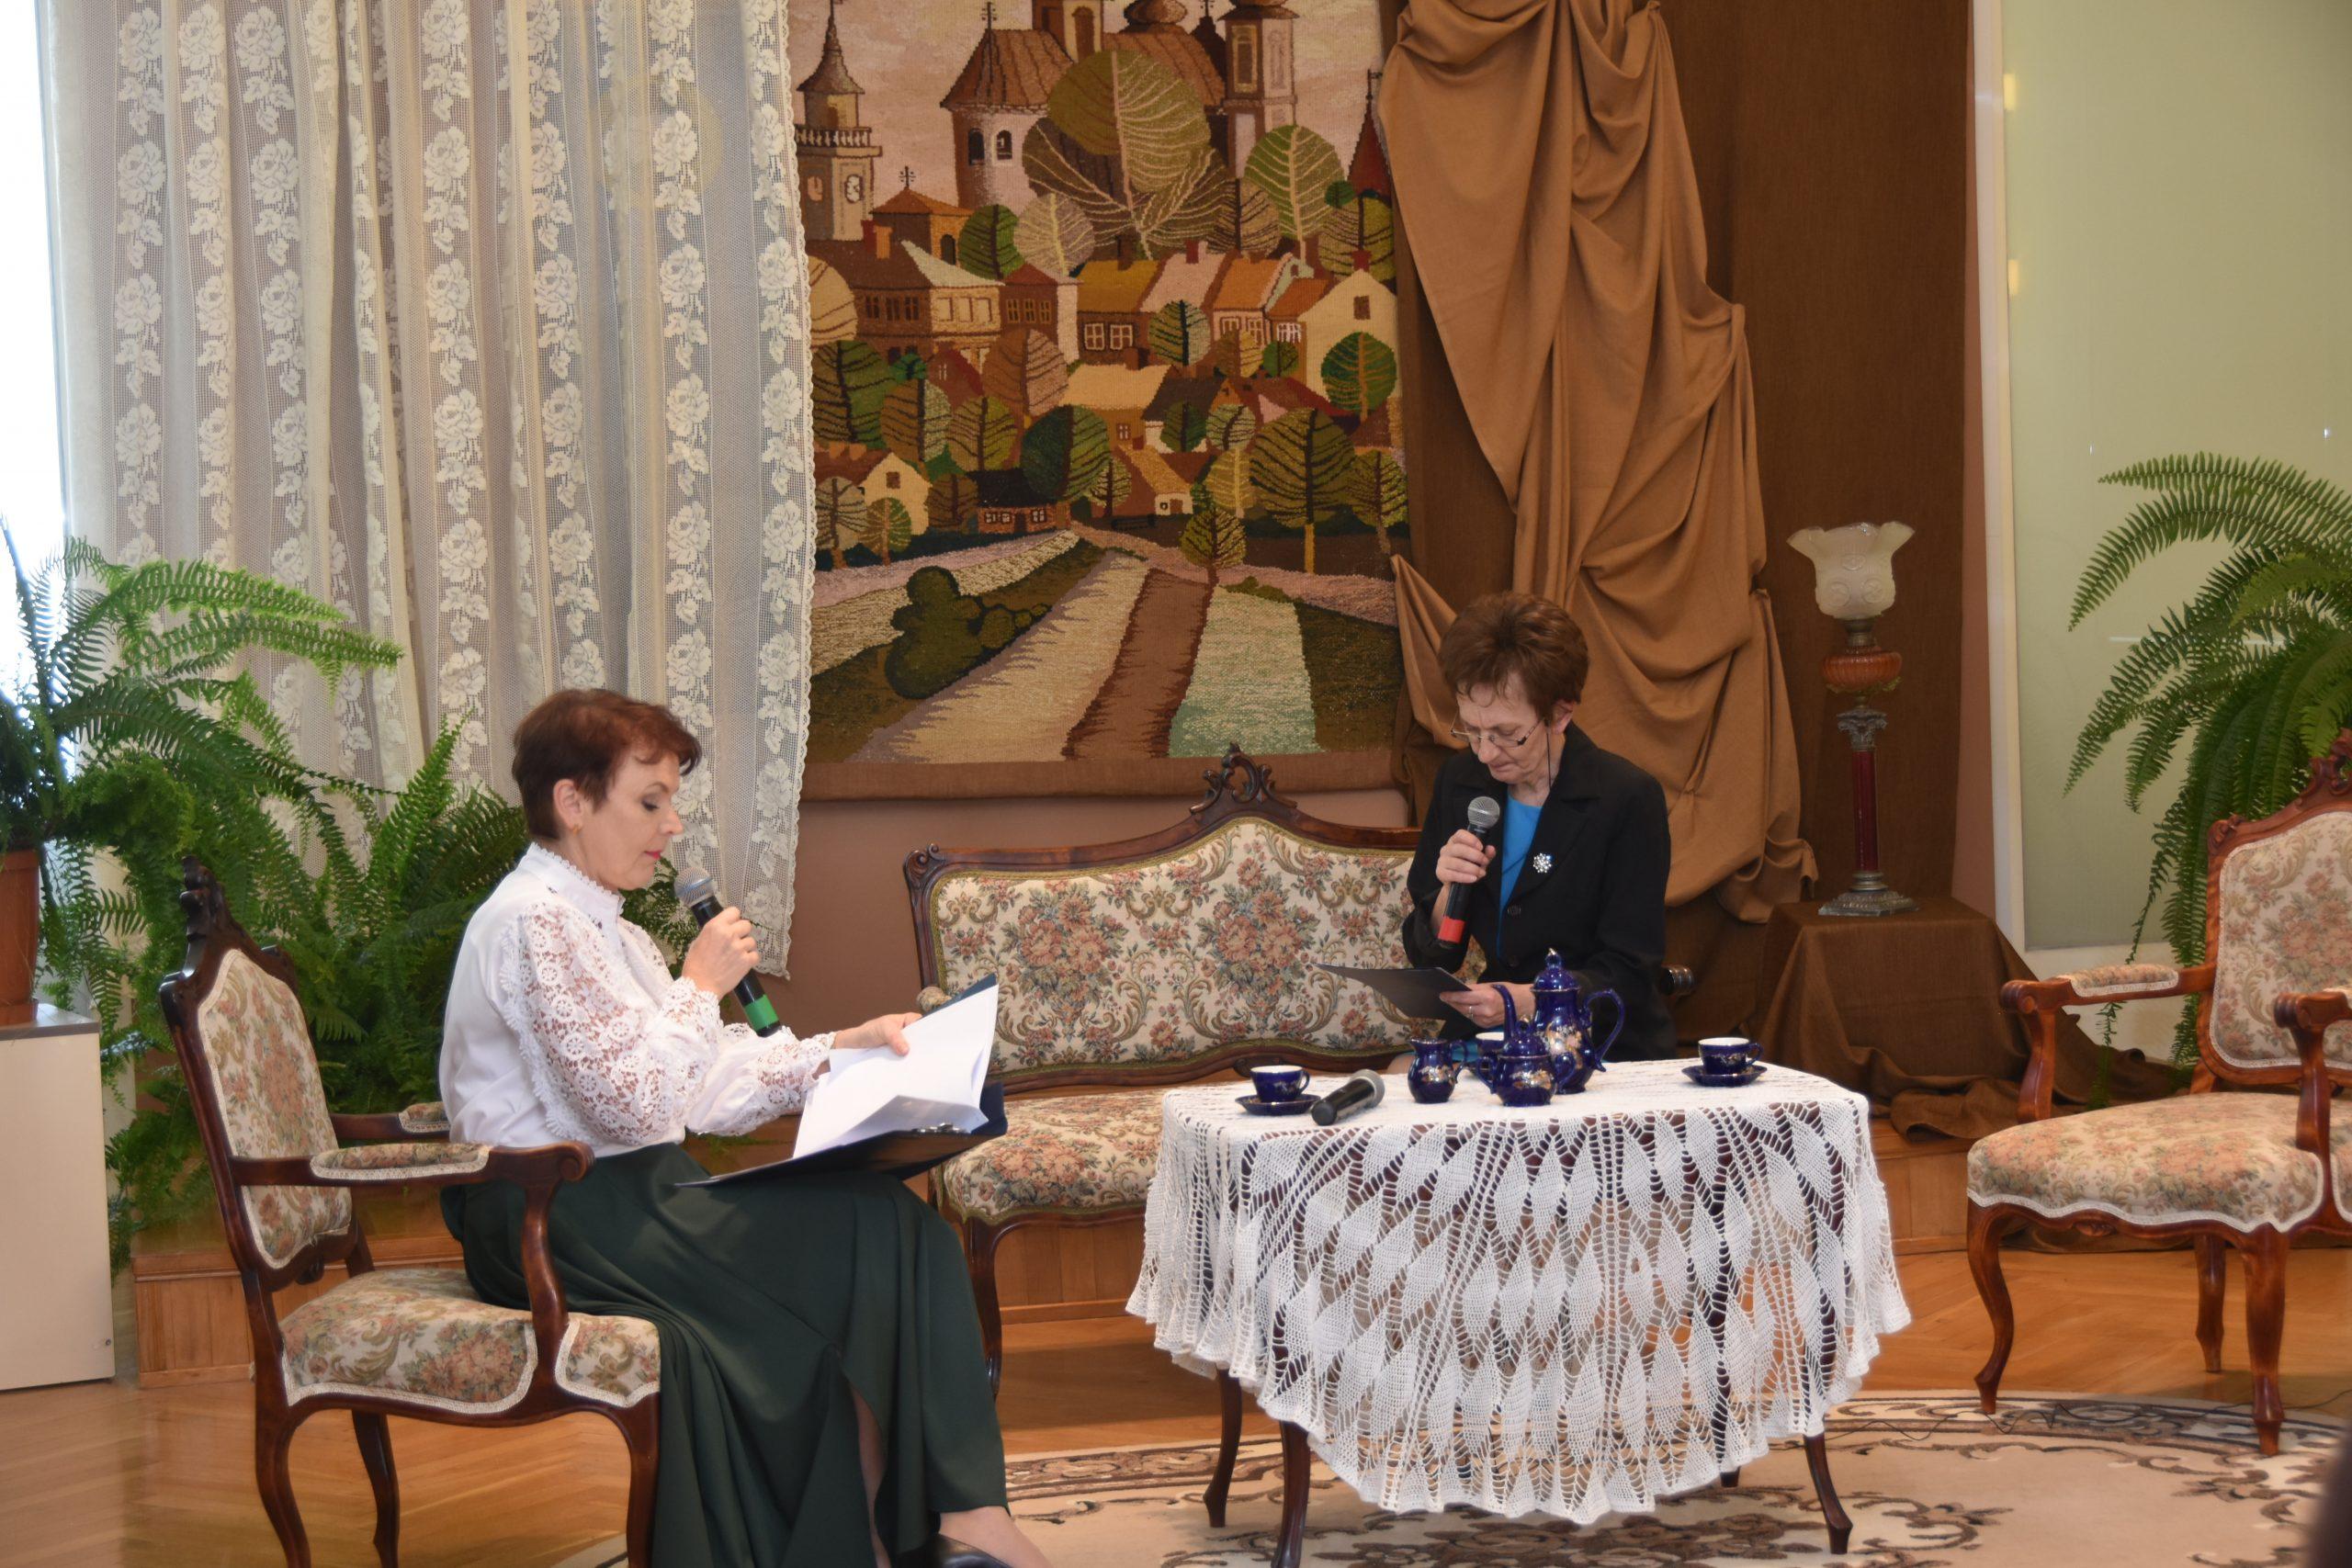 Dwie kobiety siedzą przy stoliku, na którym leży haftowana serwetka. Panie czytają swoje role do mikrofonu. Za nimi piękna sceneria w kolorach brązowych.